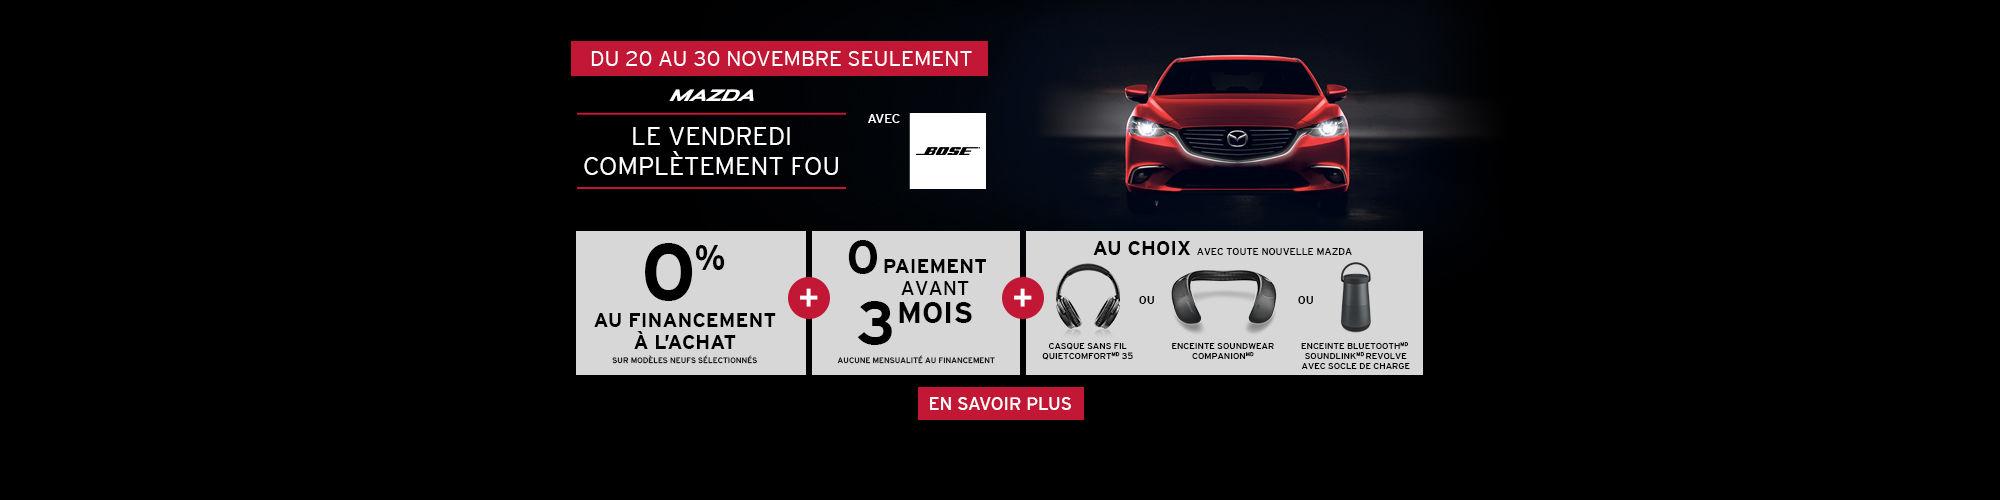 L'Événement fin d'année Mazda avec Bose